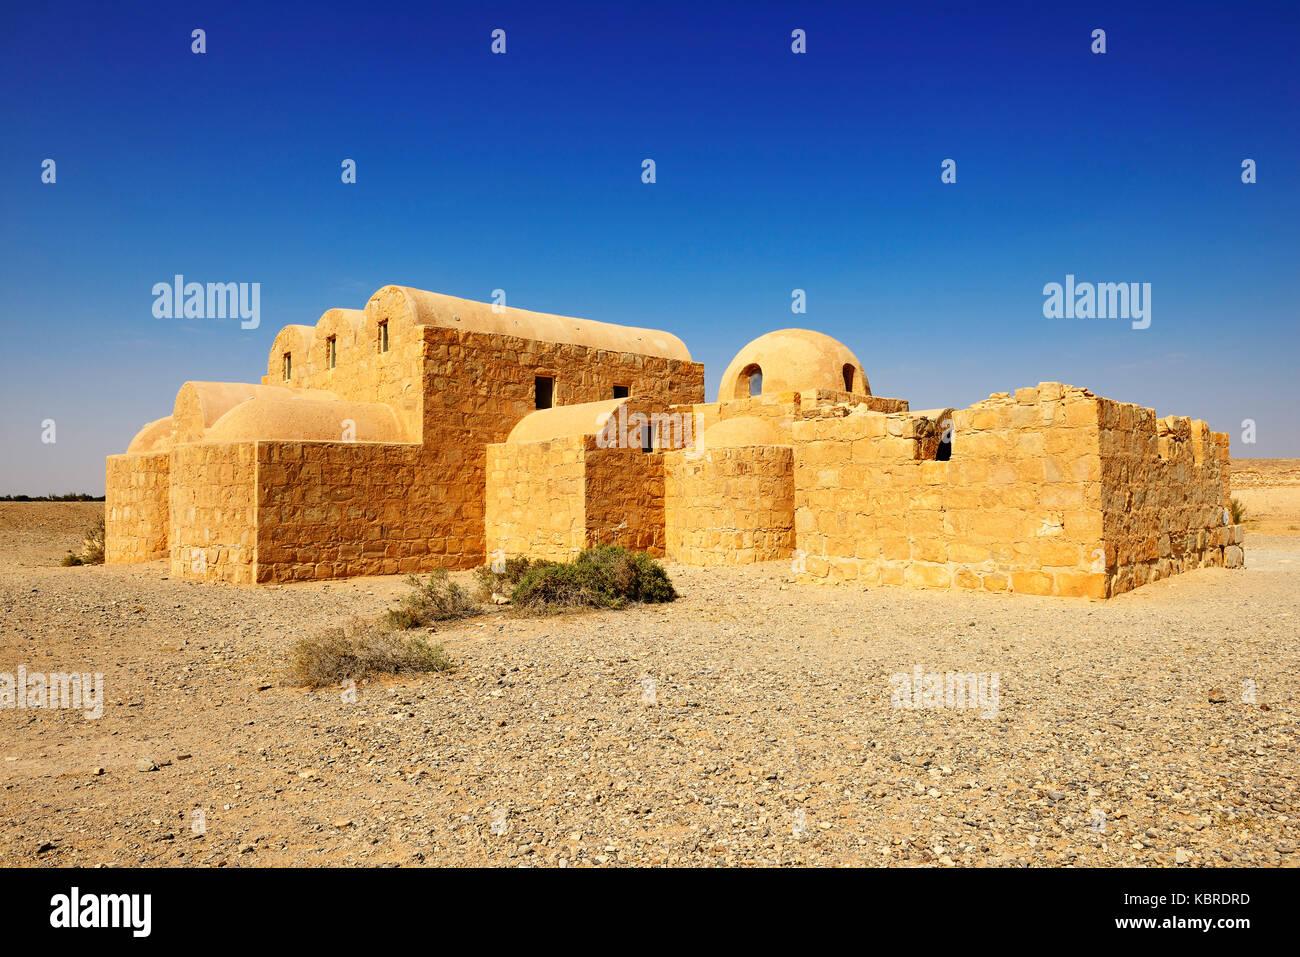 Omayyade castello nel deserto, qasr amra, Giordania Immagini Stock